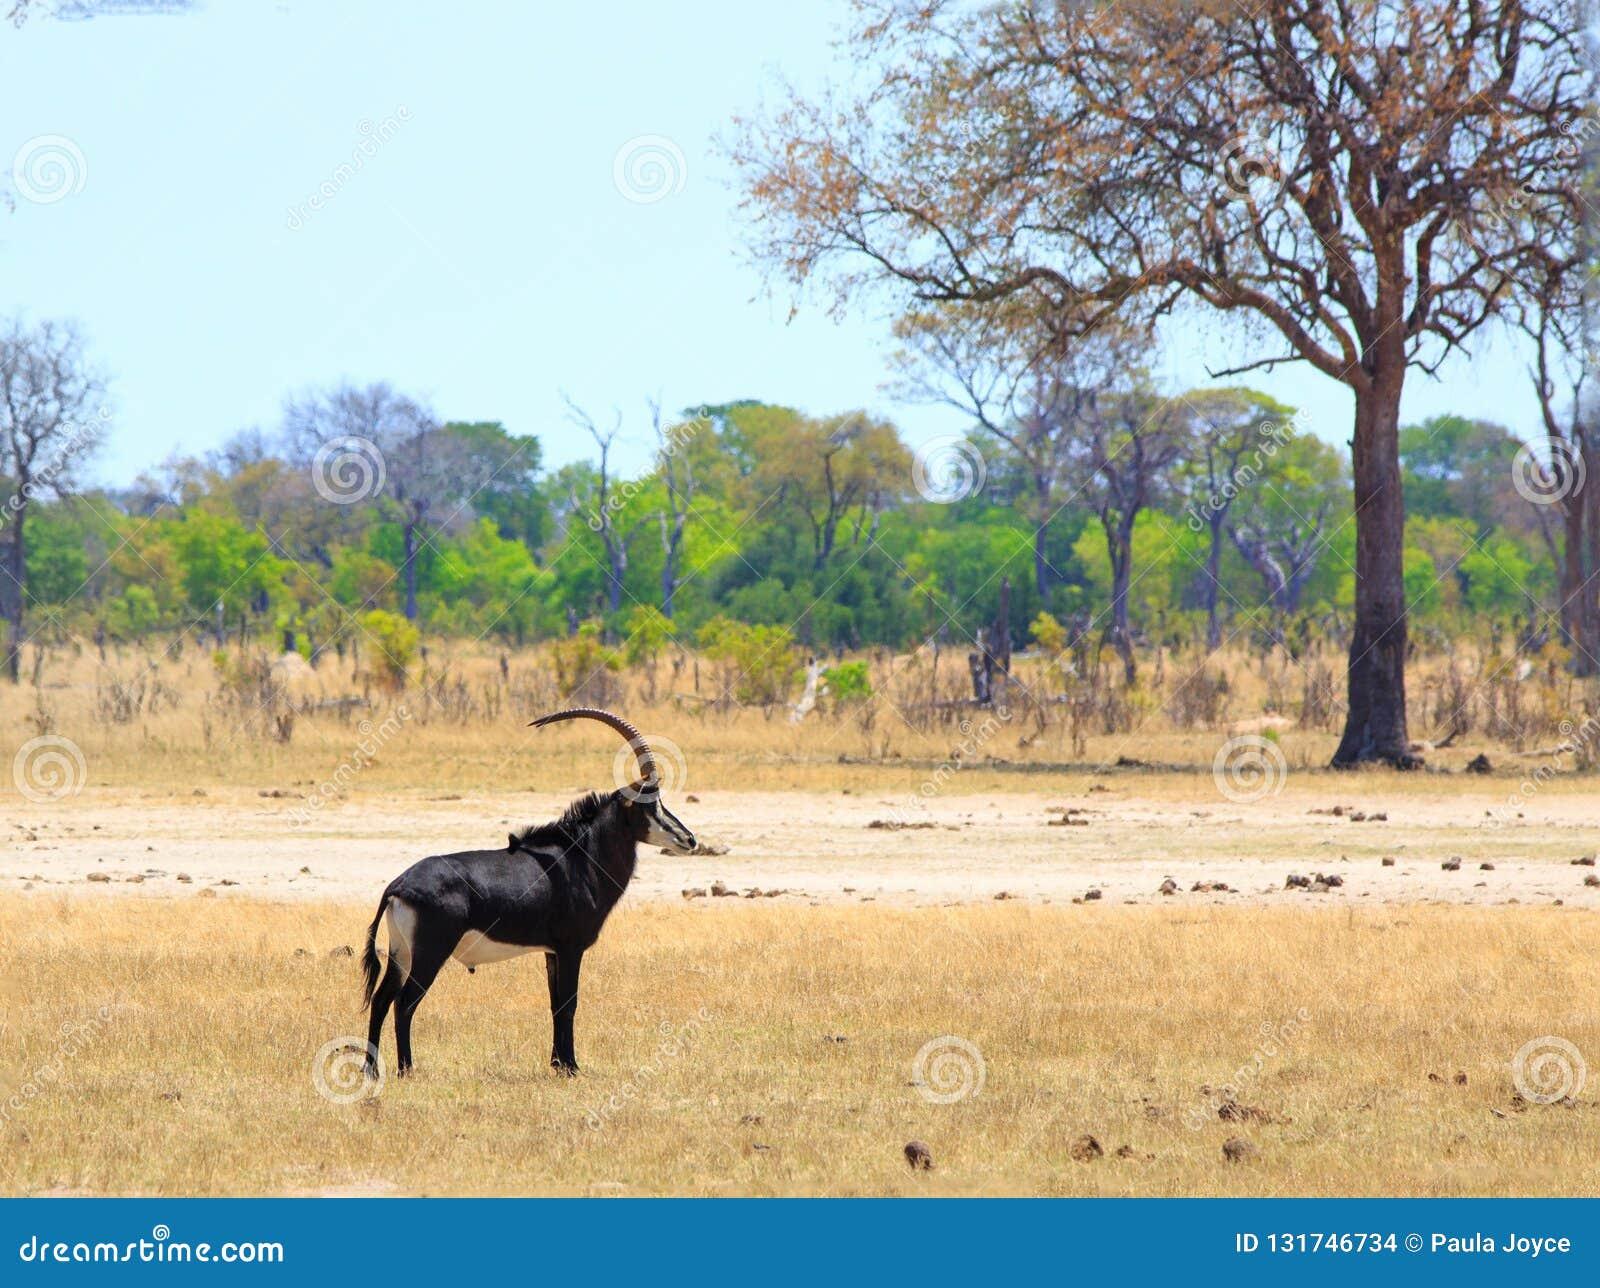 Zobel-Antilopenstellung auf den offenen afrikanischen Ebenen in Nationalpark Hwange, Simbabwe